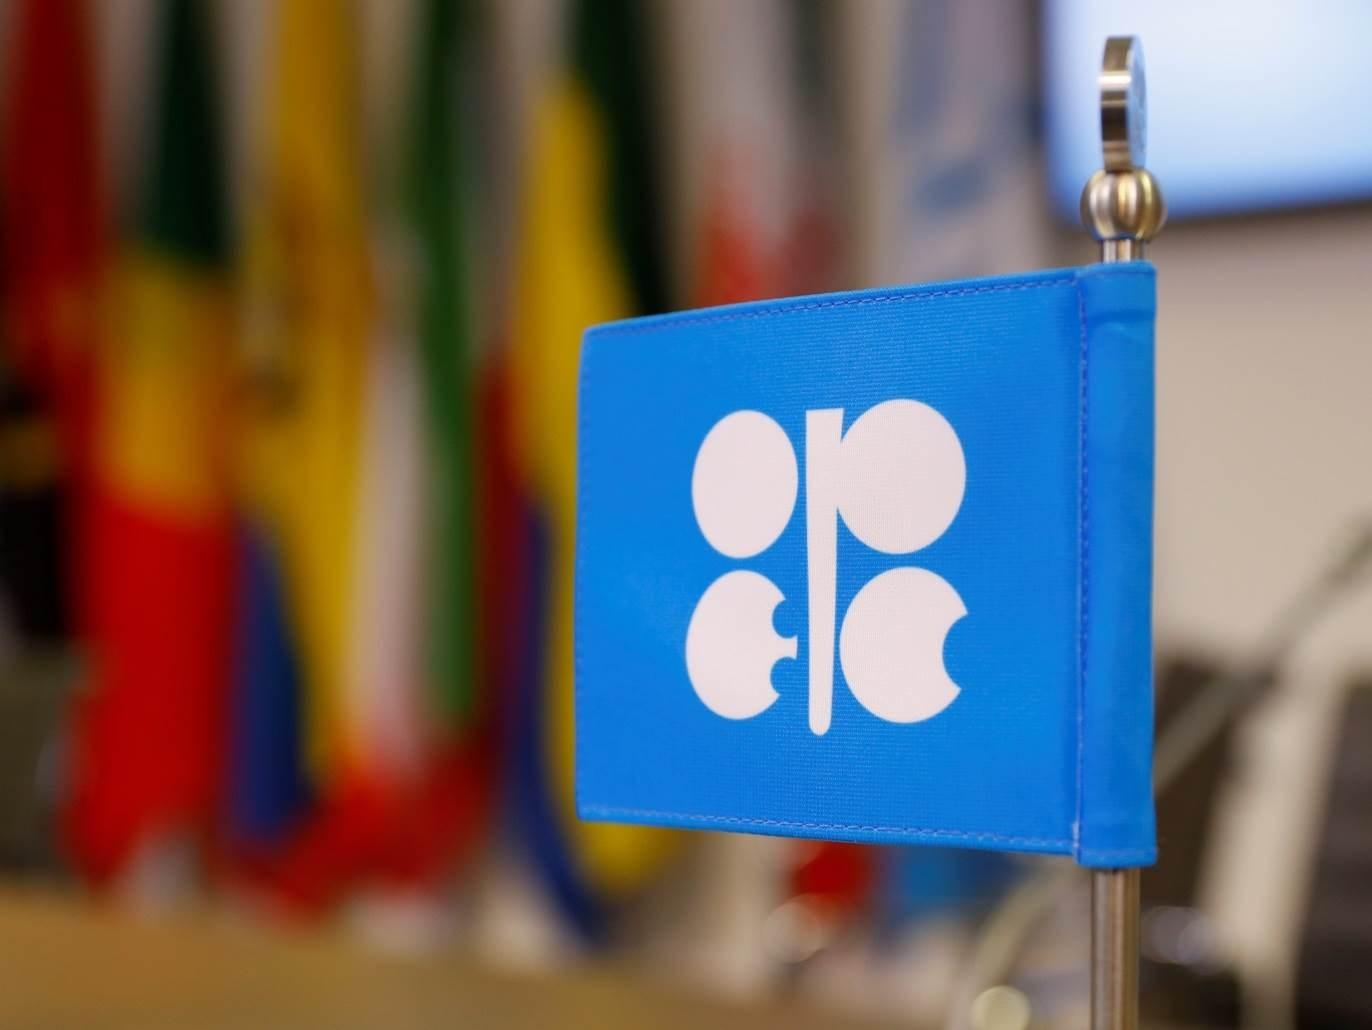 مصادر: أوبك وروسيا تبحثان تمديد خفض النفط لشهر أو شهرين